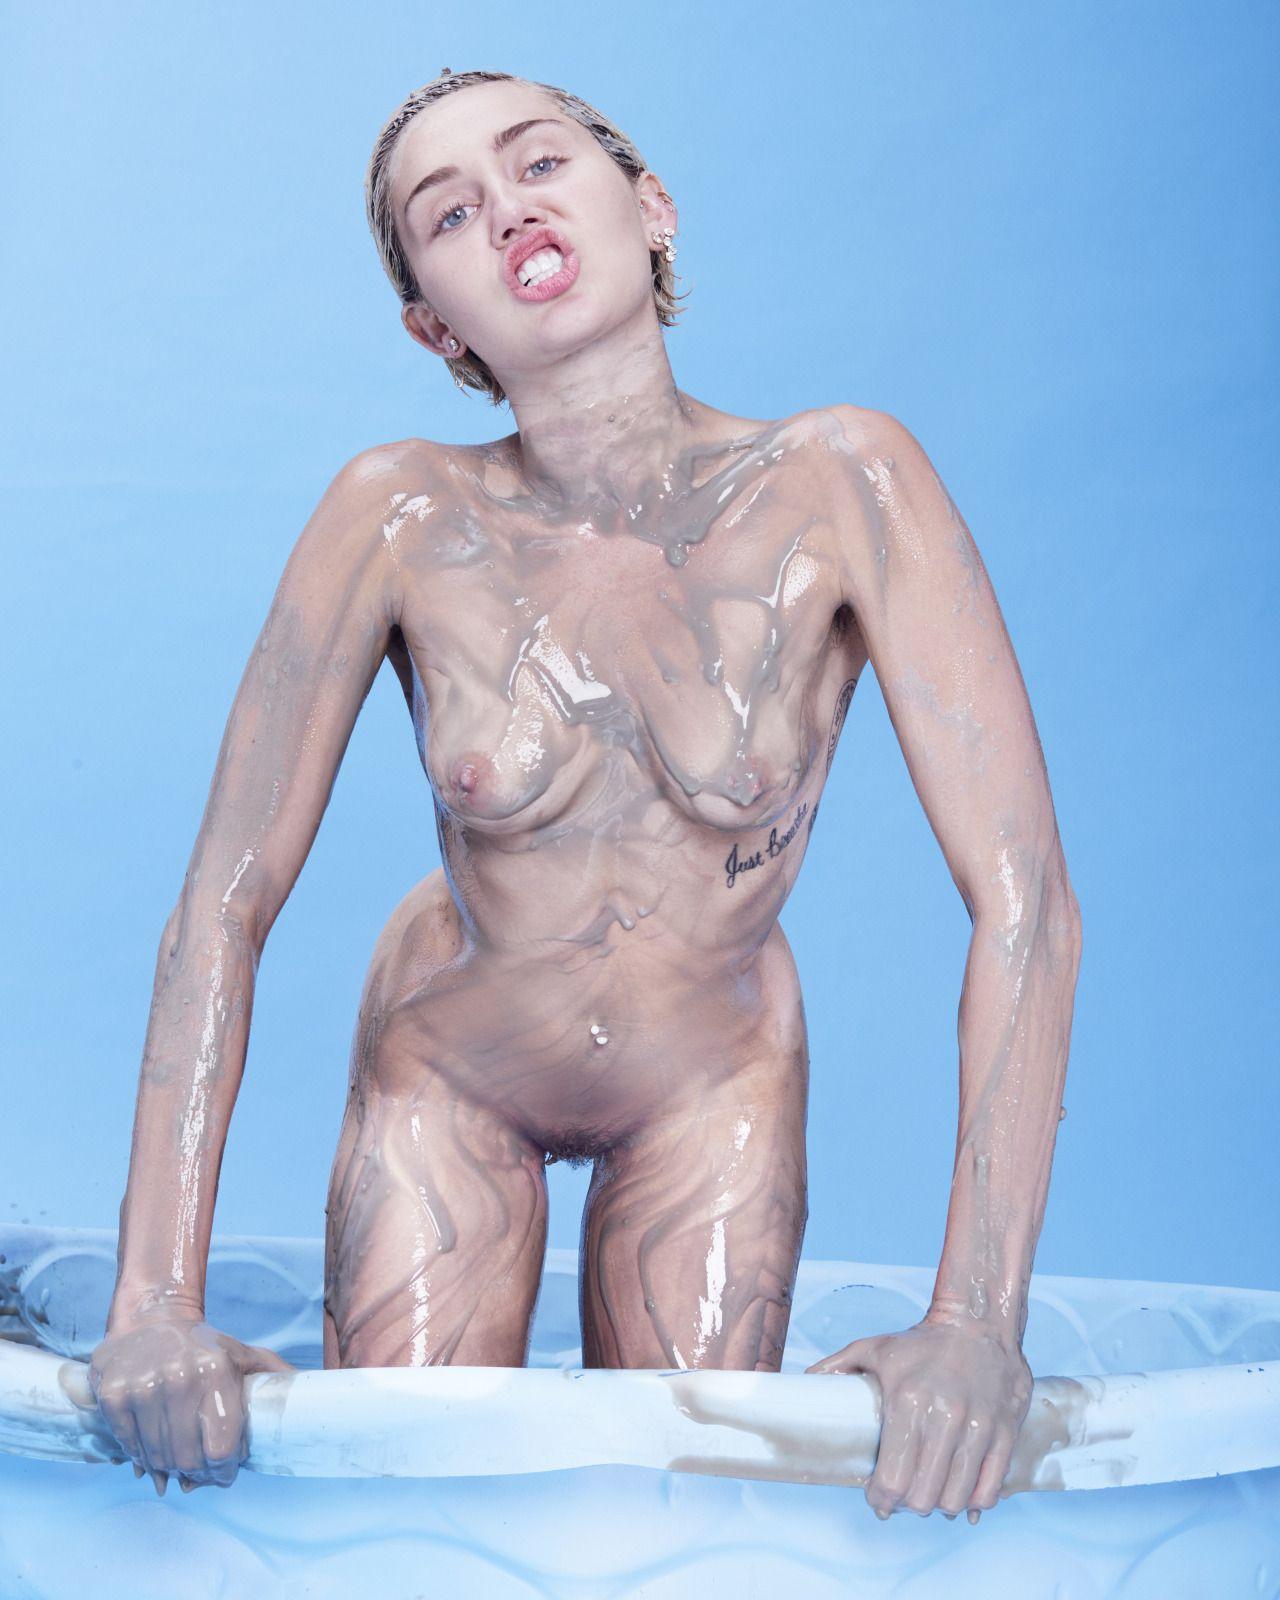 miley posa completamente desnuda sin censura! - EL